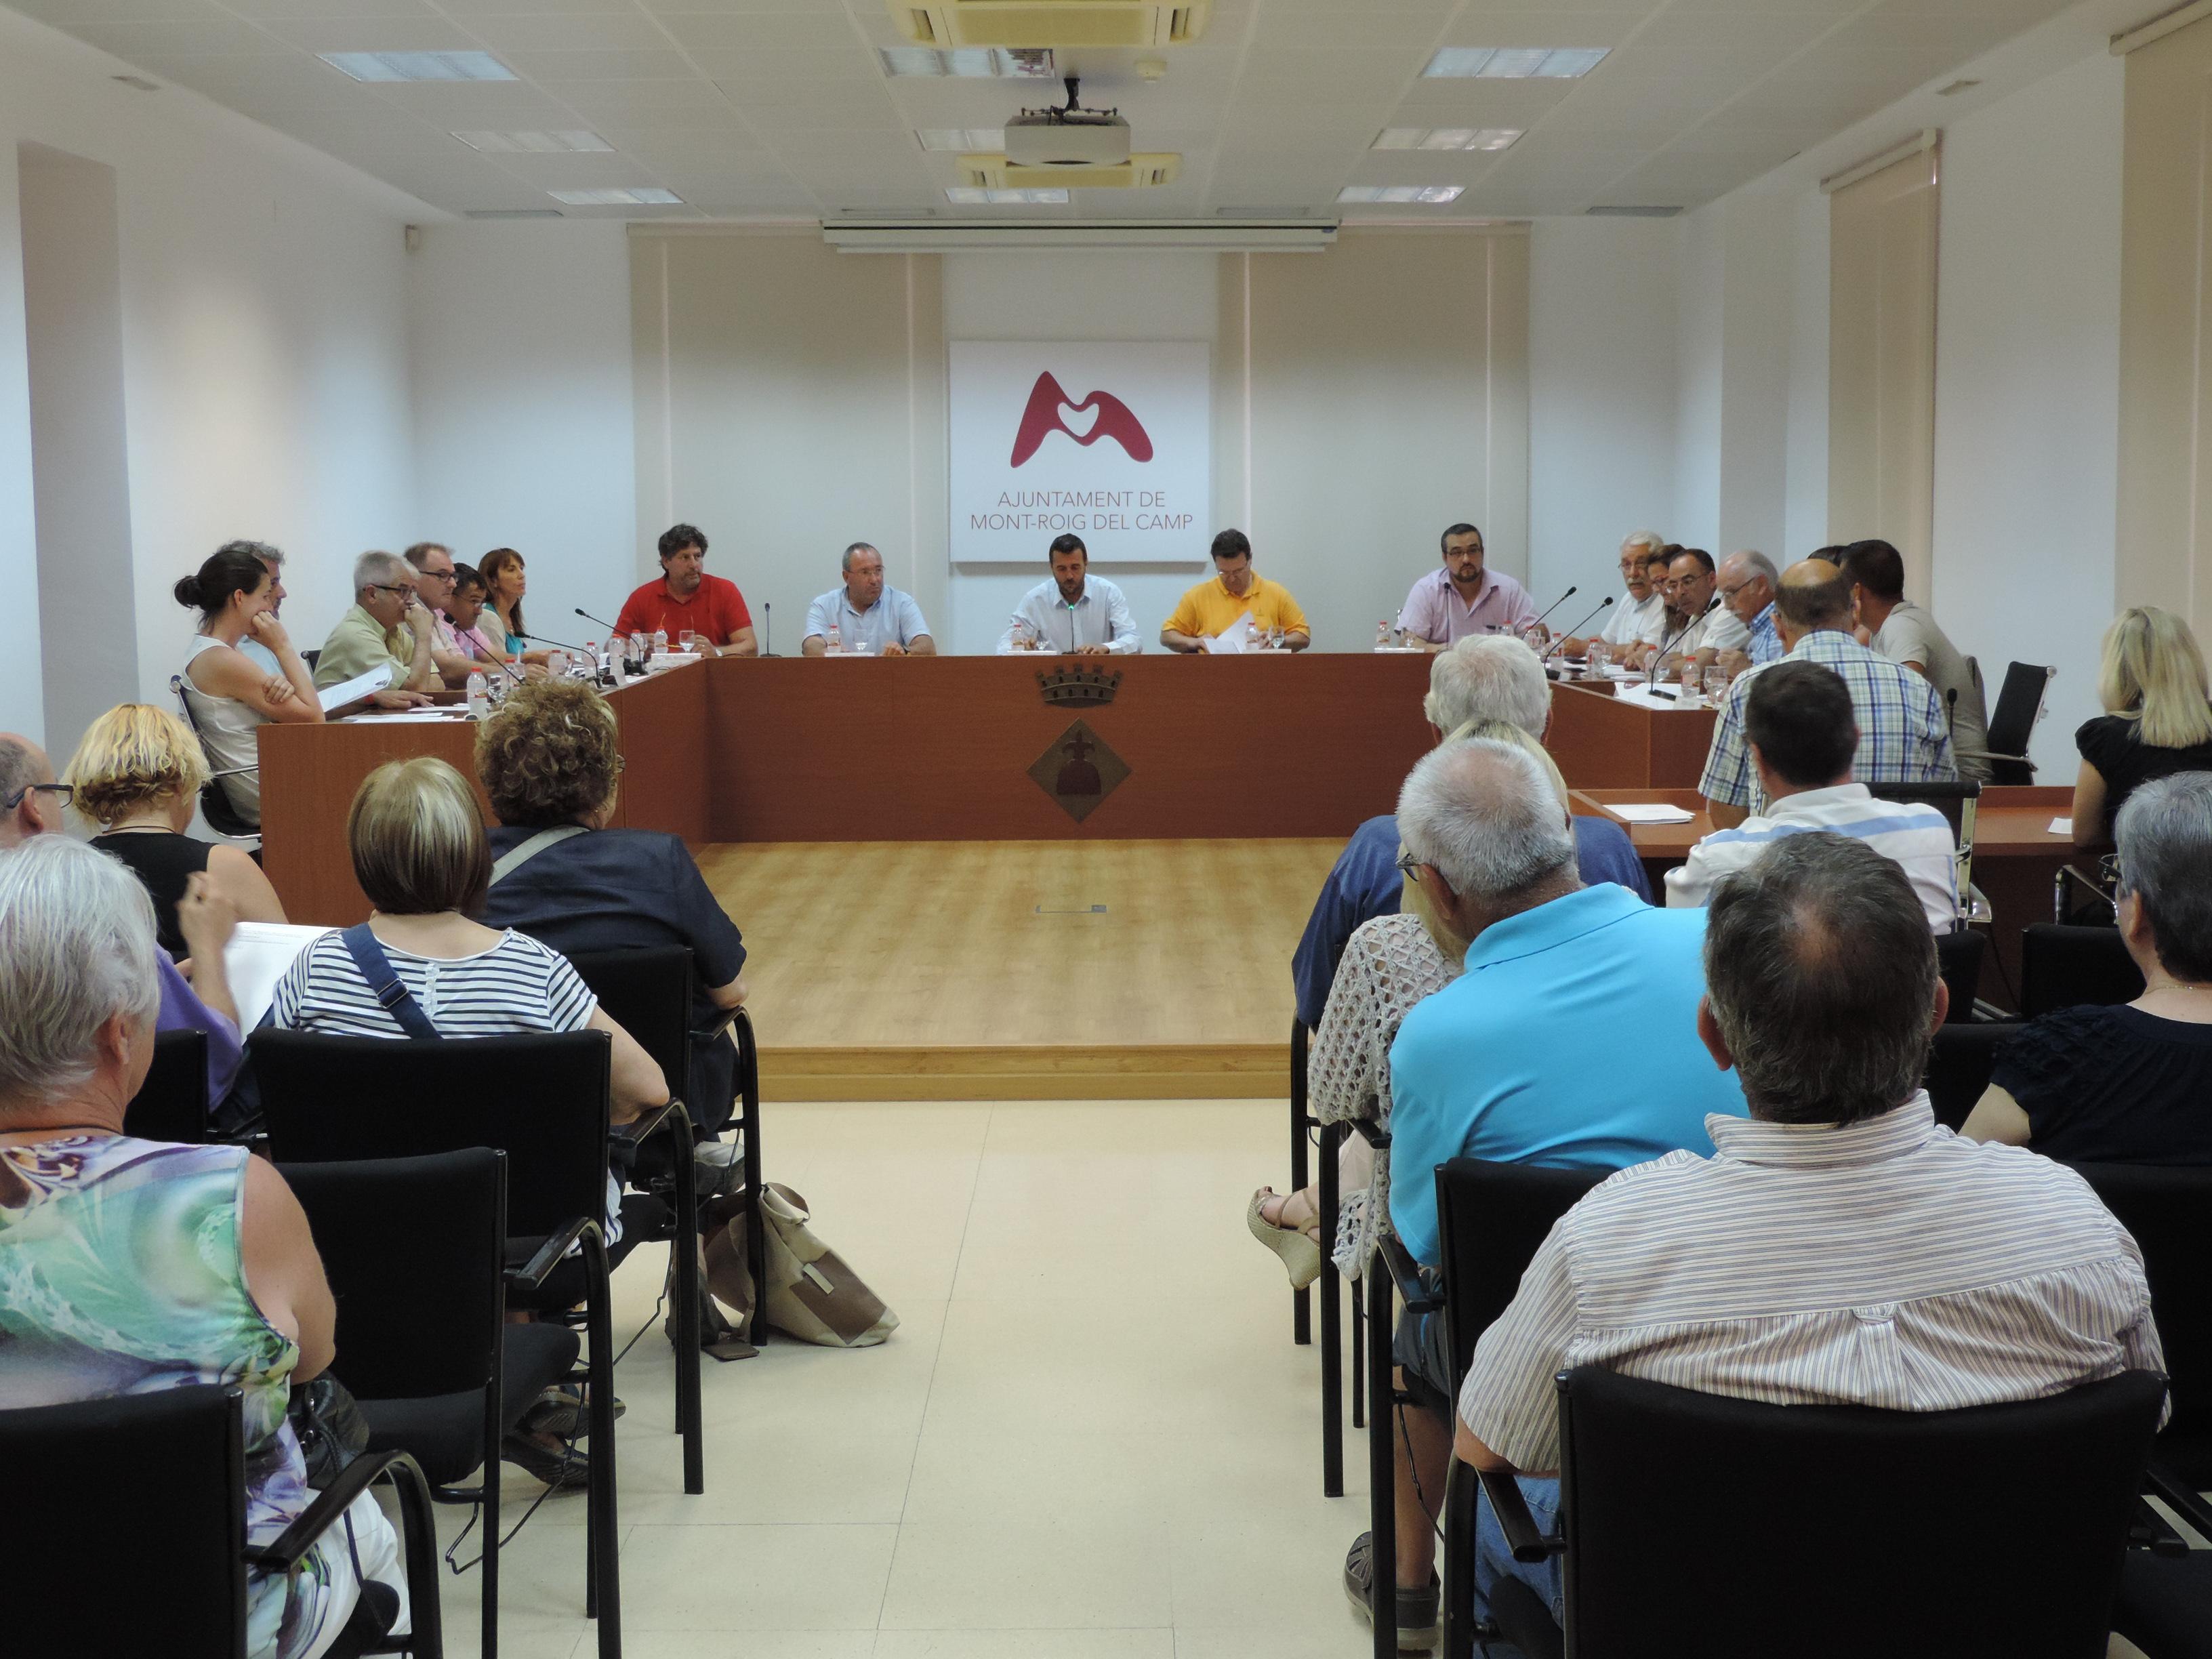 Pleno de organización del Ayuntamiento de Mont-roig del Camp